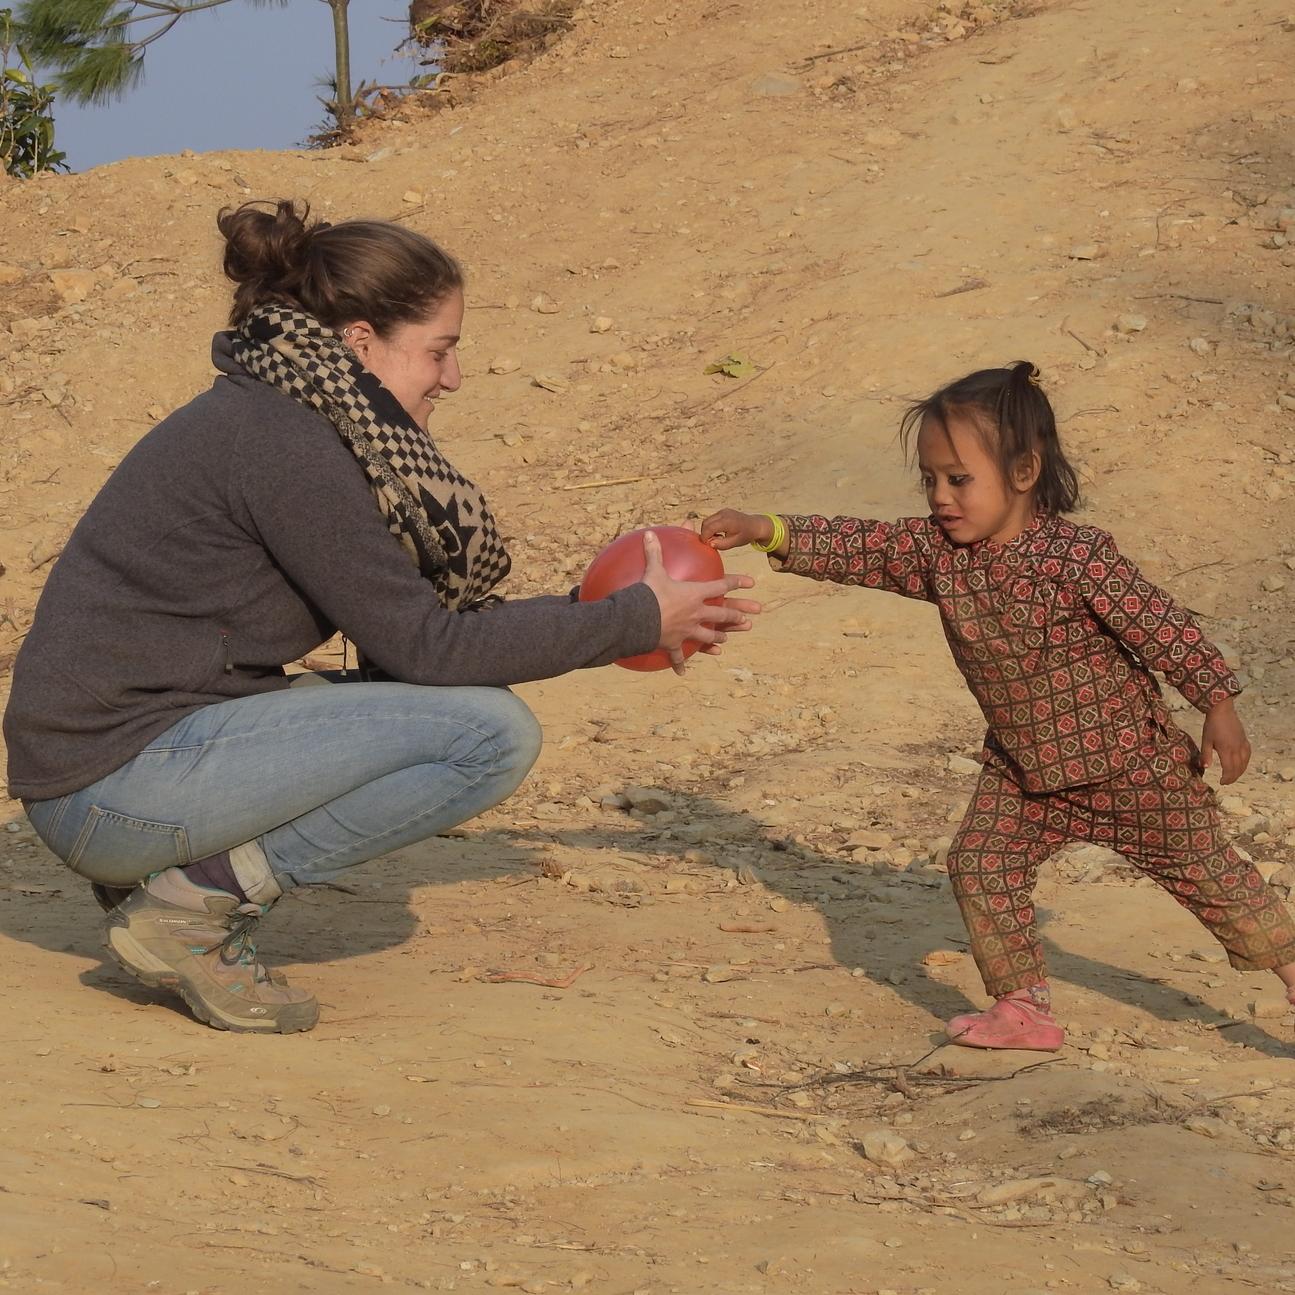 מיכל משחקת בכדור עם ריטו. צילום: עמיר בן-דוד ()